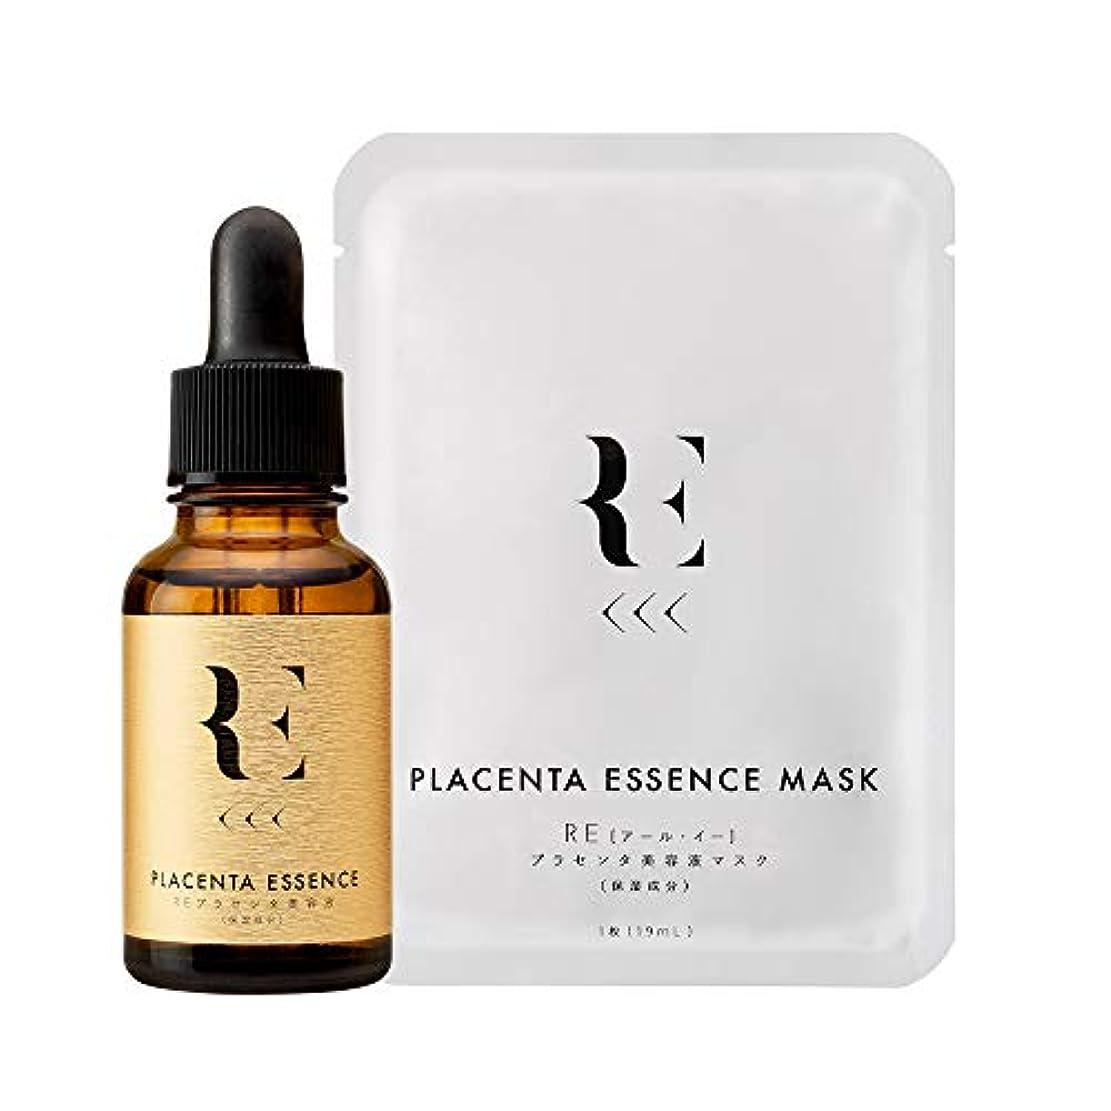 アジア人商品試用RE プラセンタ 美容液 美容液マスク セット エイジングケア ヒト型幹細胞培養液